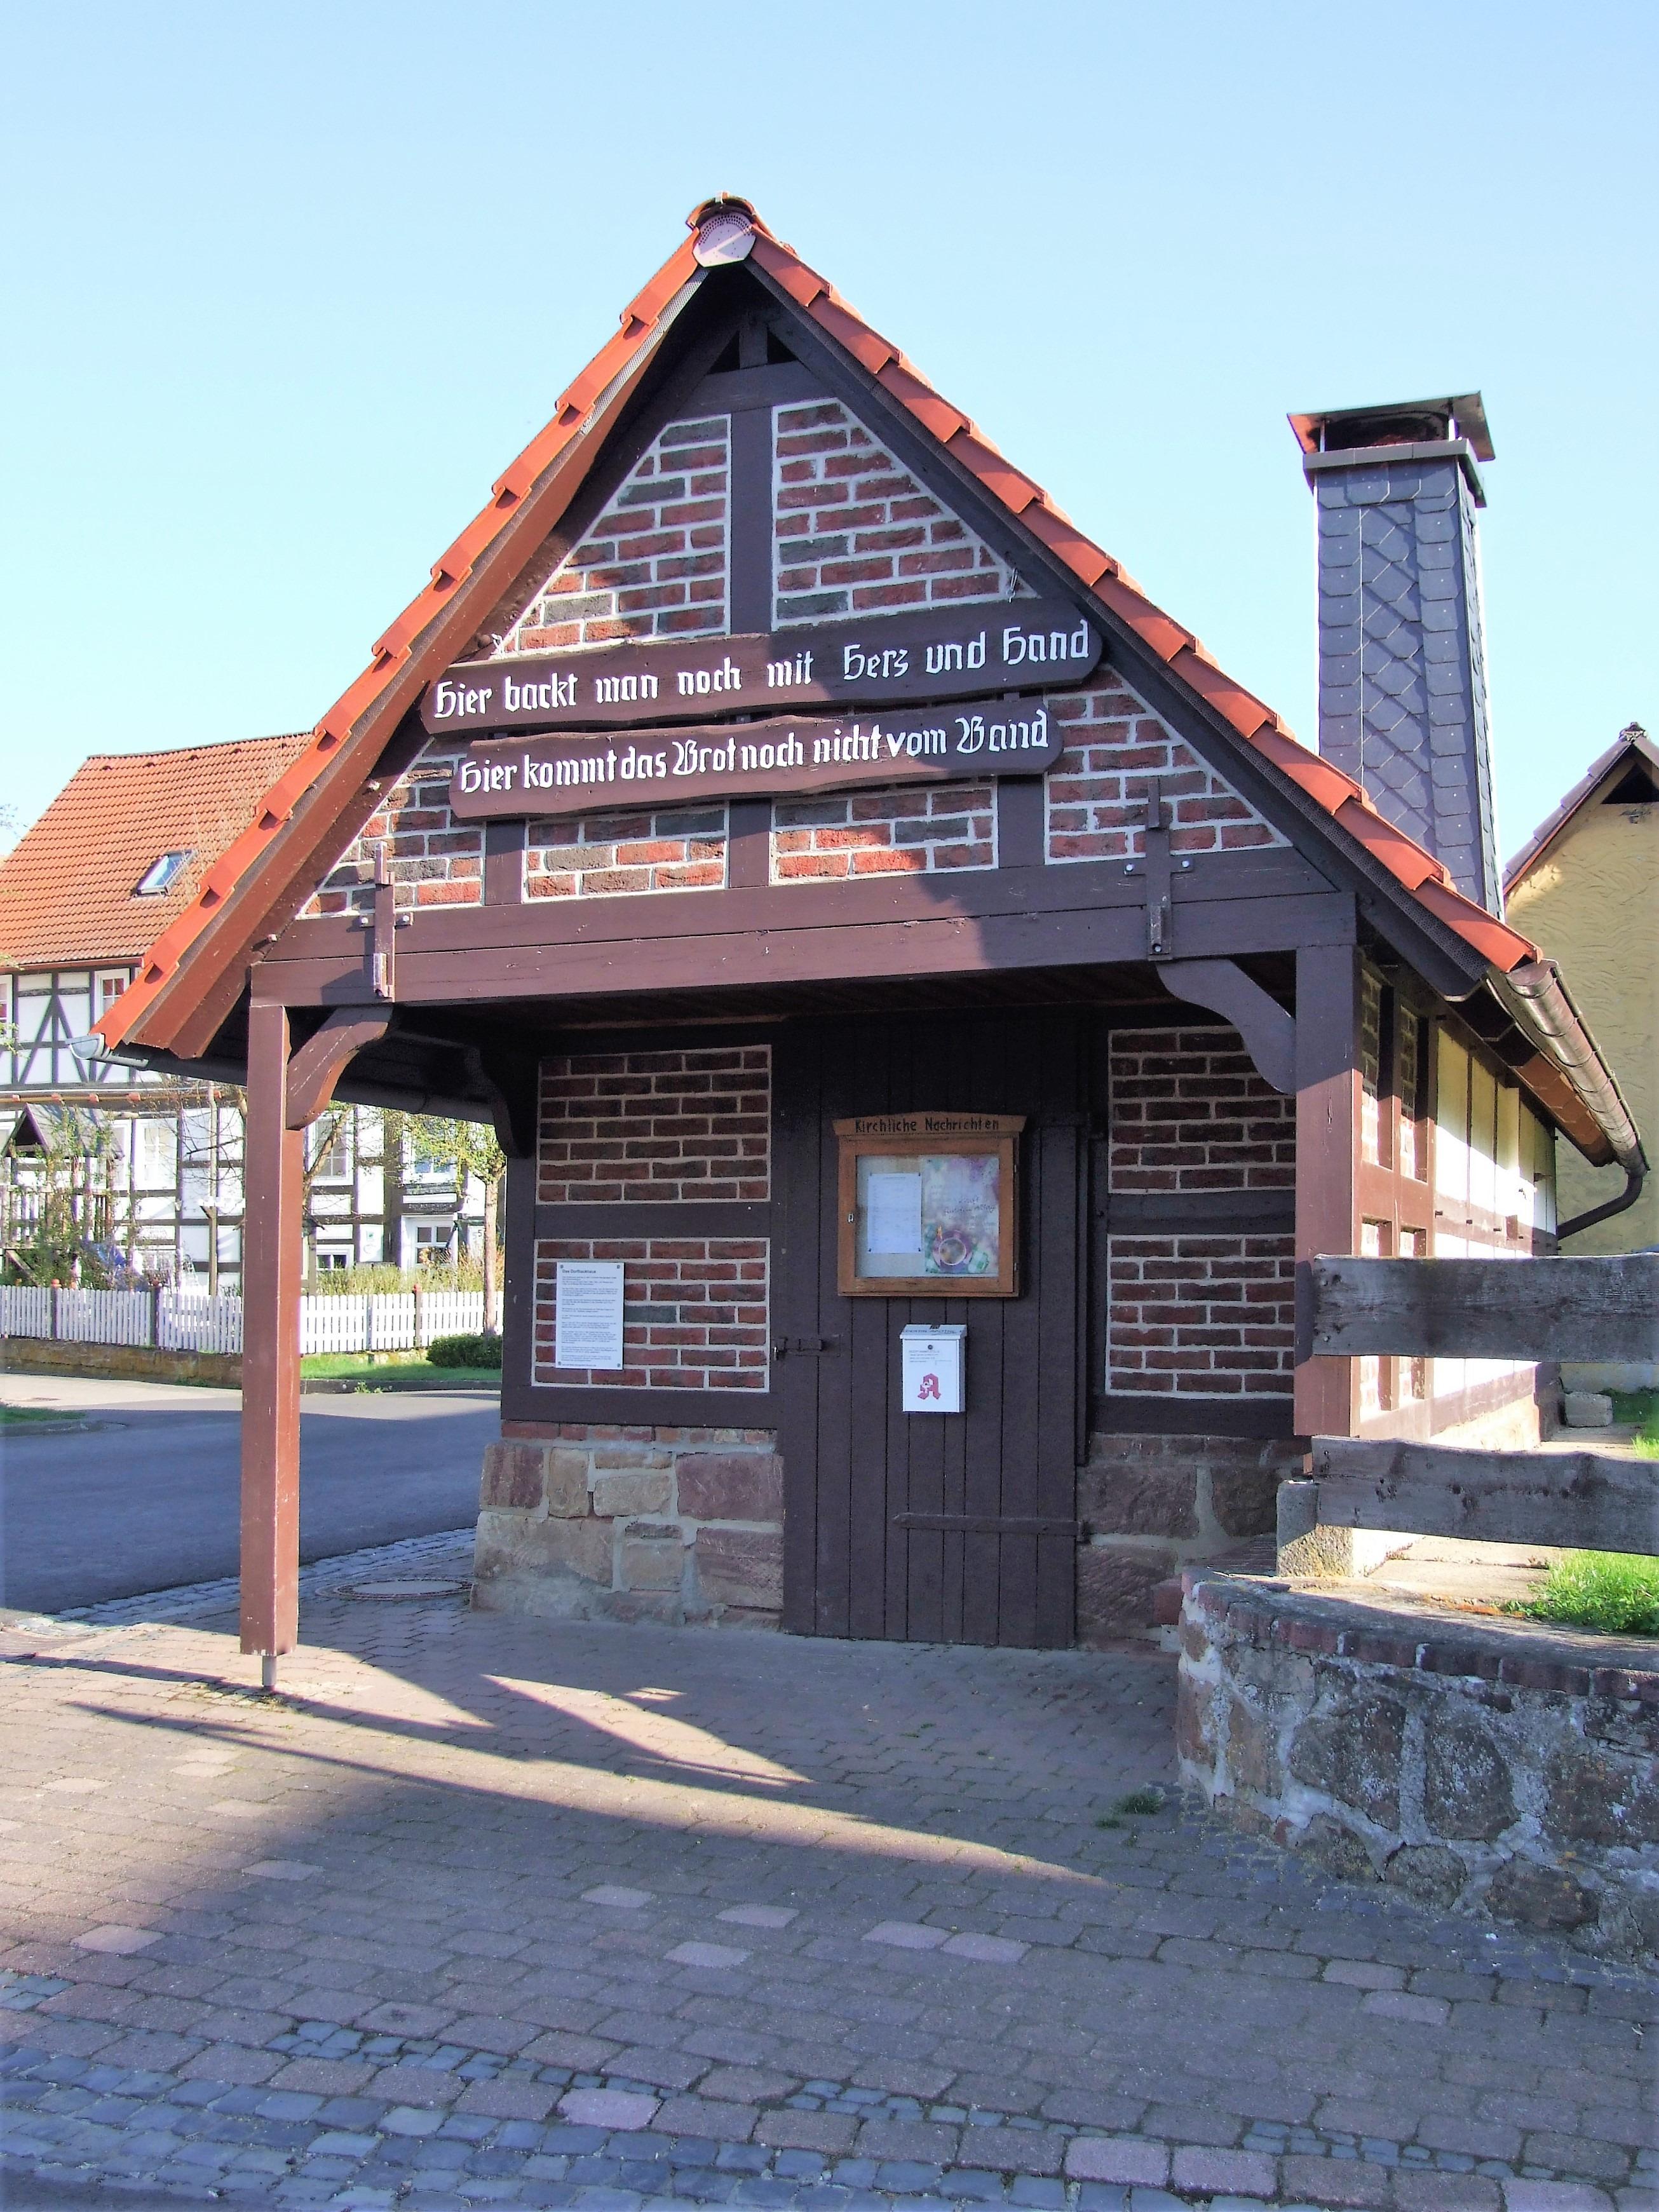 Das Backhaus in der Ortsmitte. (Foto: Uli Klein)